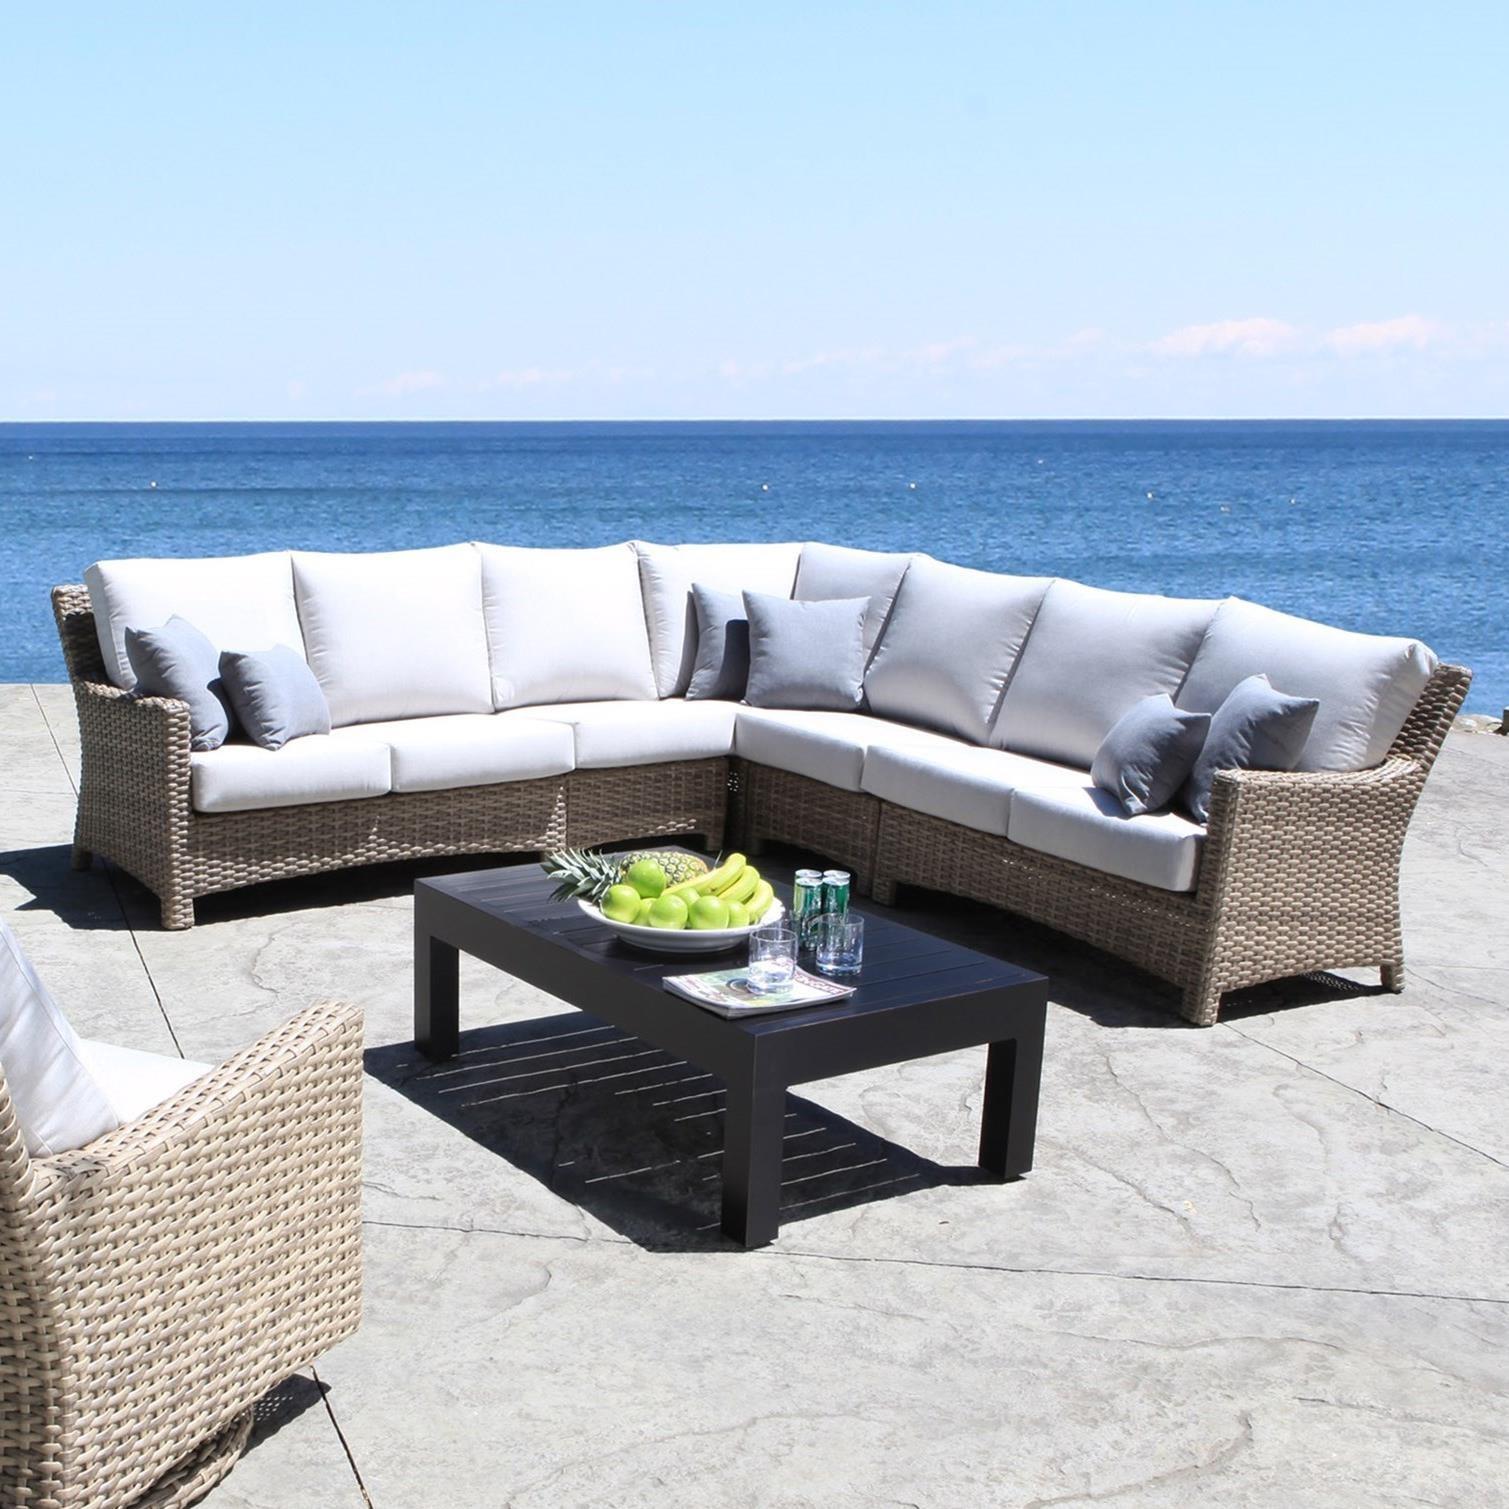 Cabana Coast Riverside 5 Piece Outdoor Sectional   Hudsonu0027s Furniture    Outdoor Sectional Sofa Group